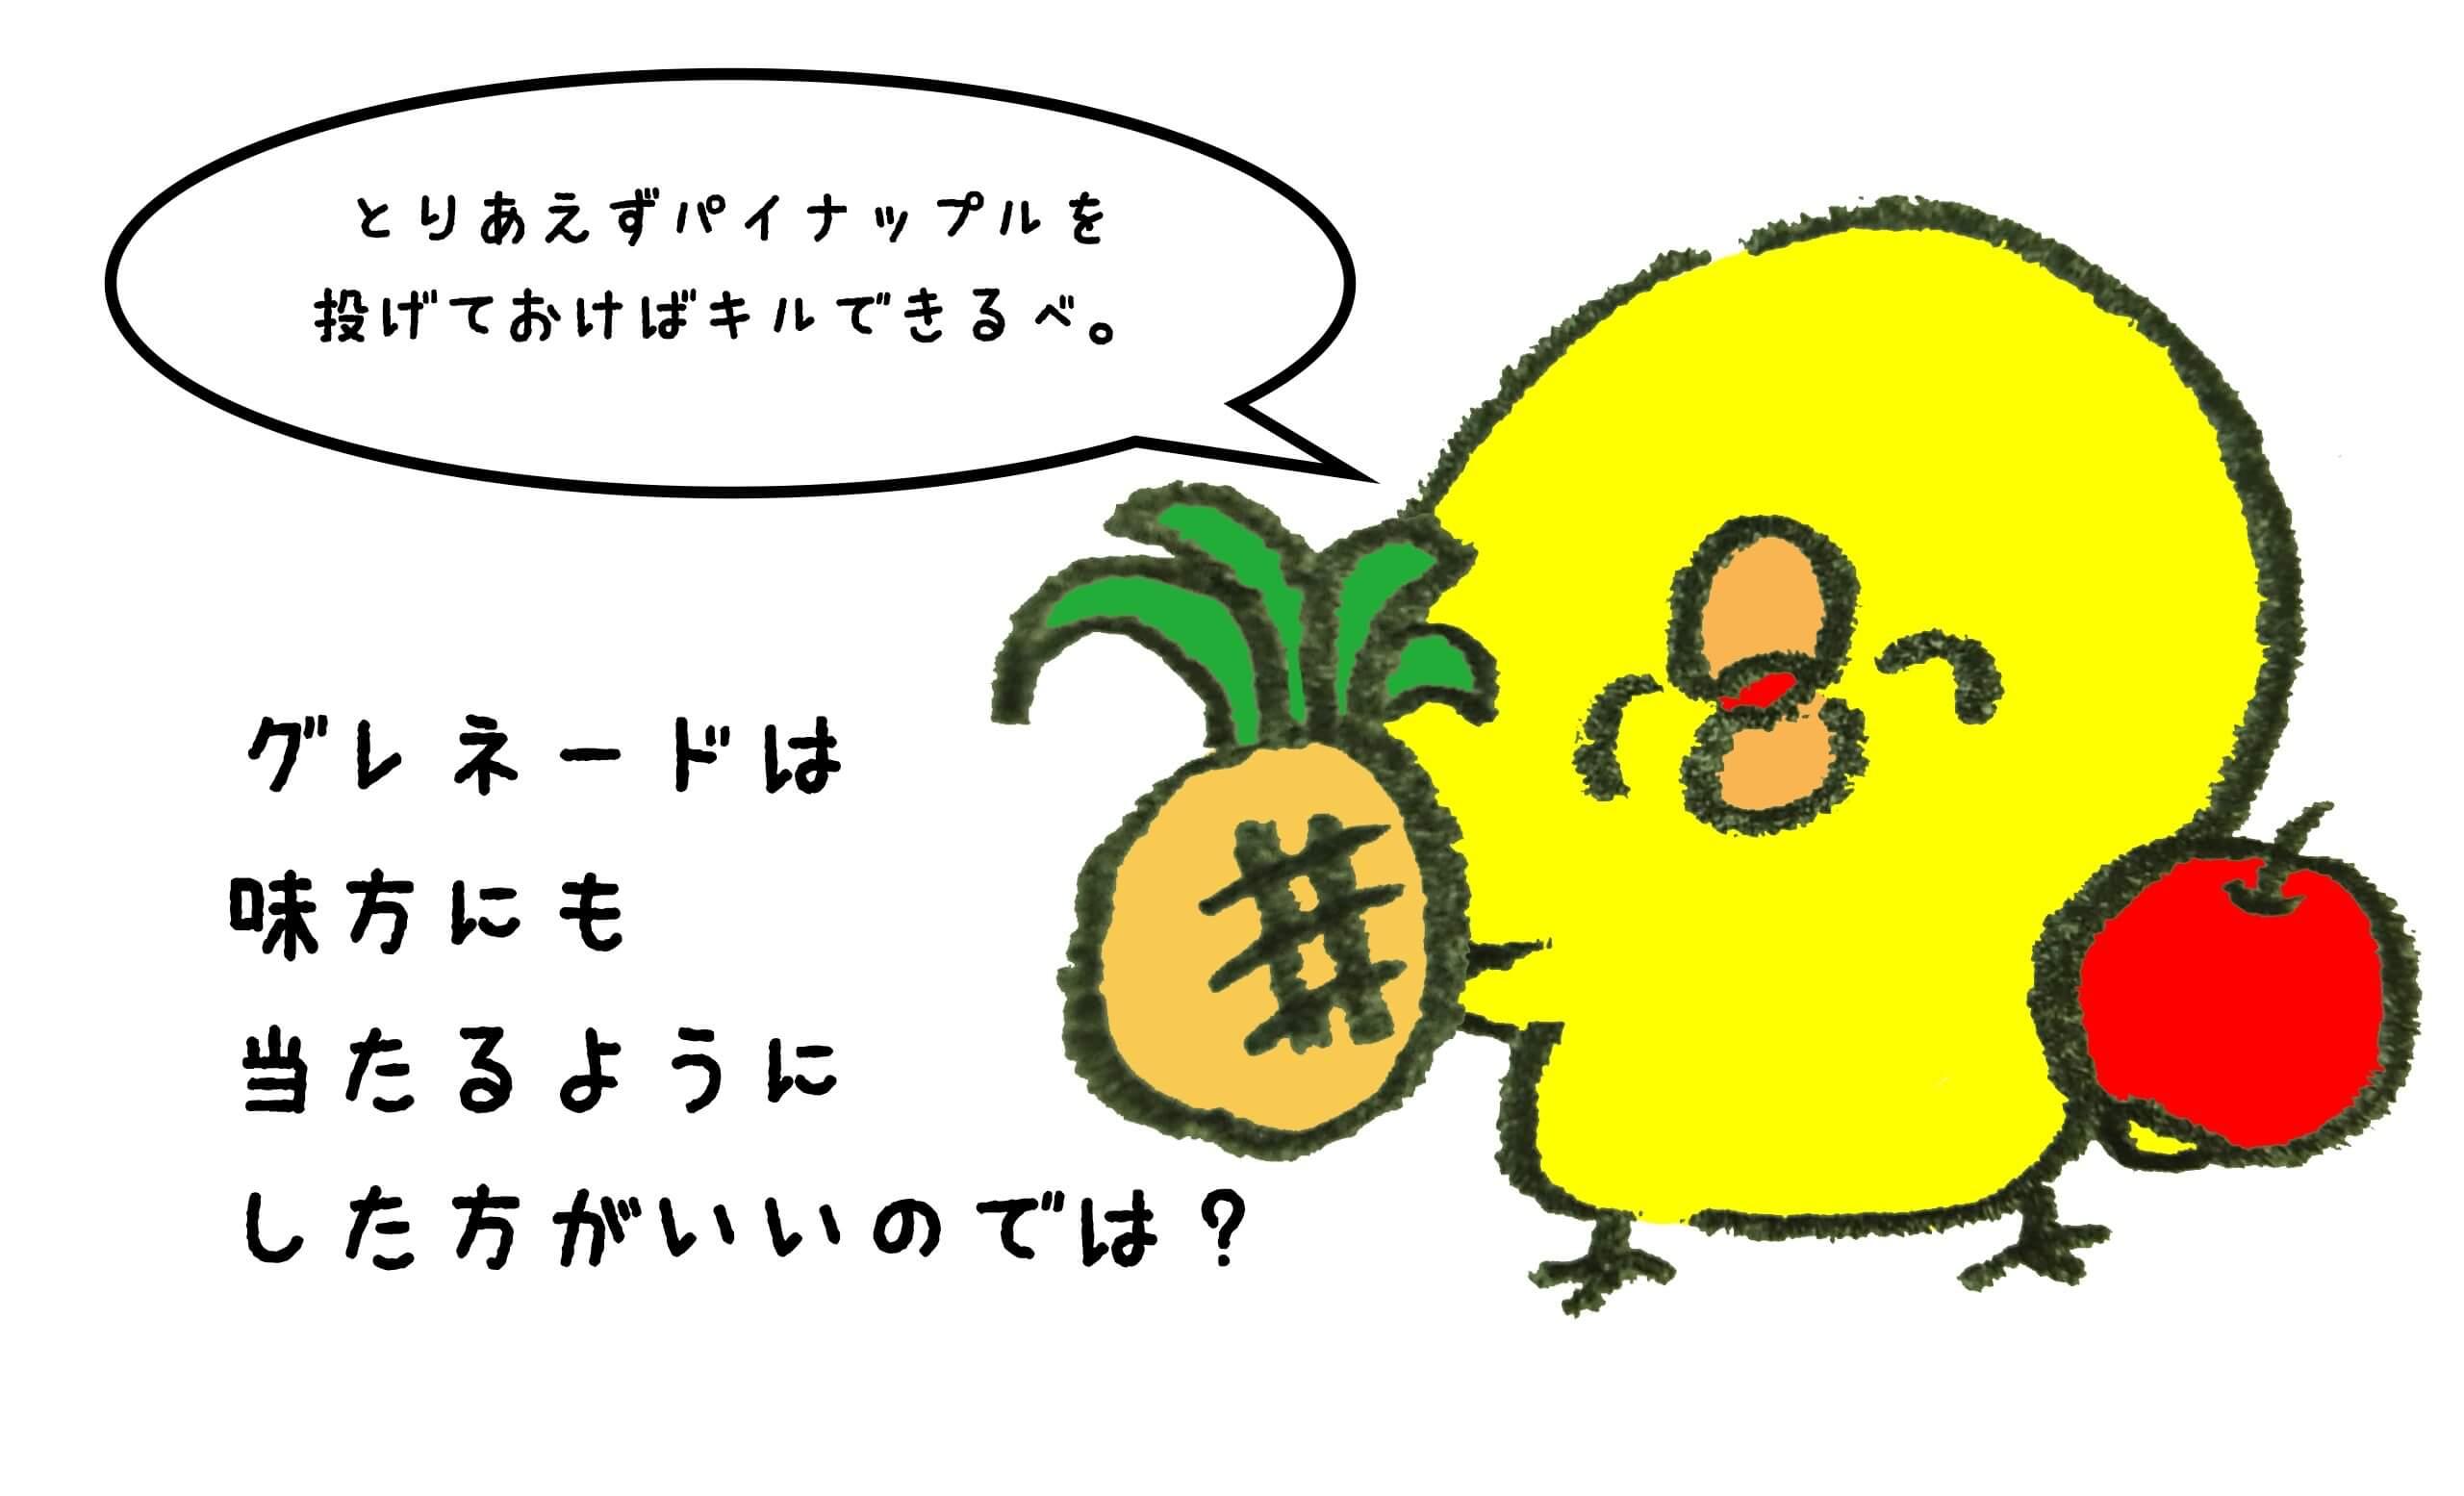 グレネード(パイナップル)を投げるヒヨコ